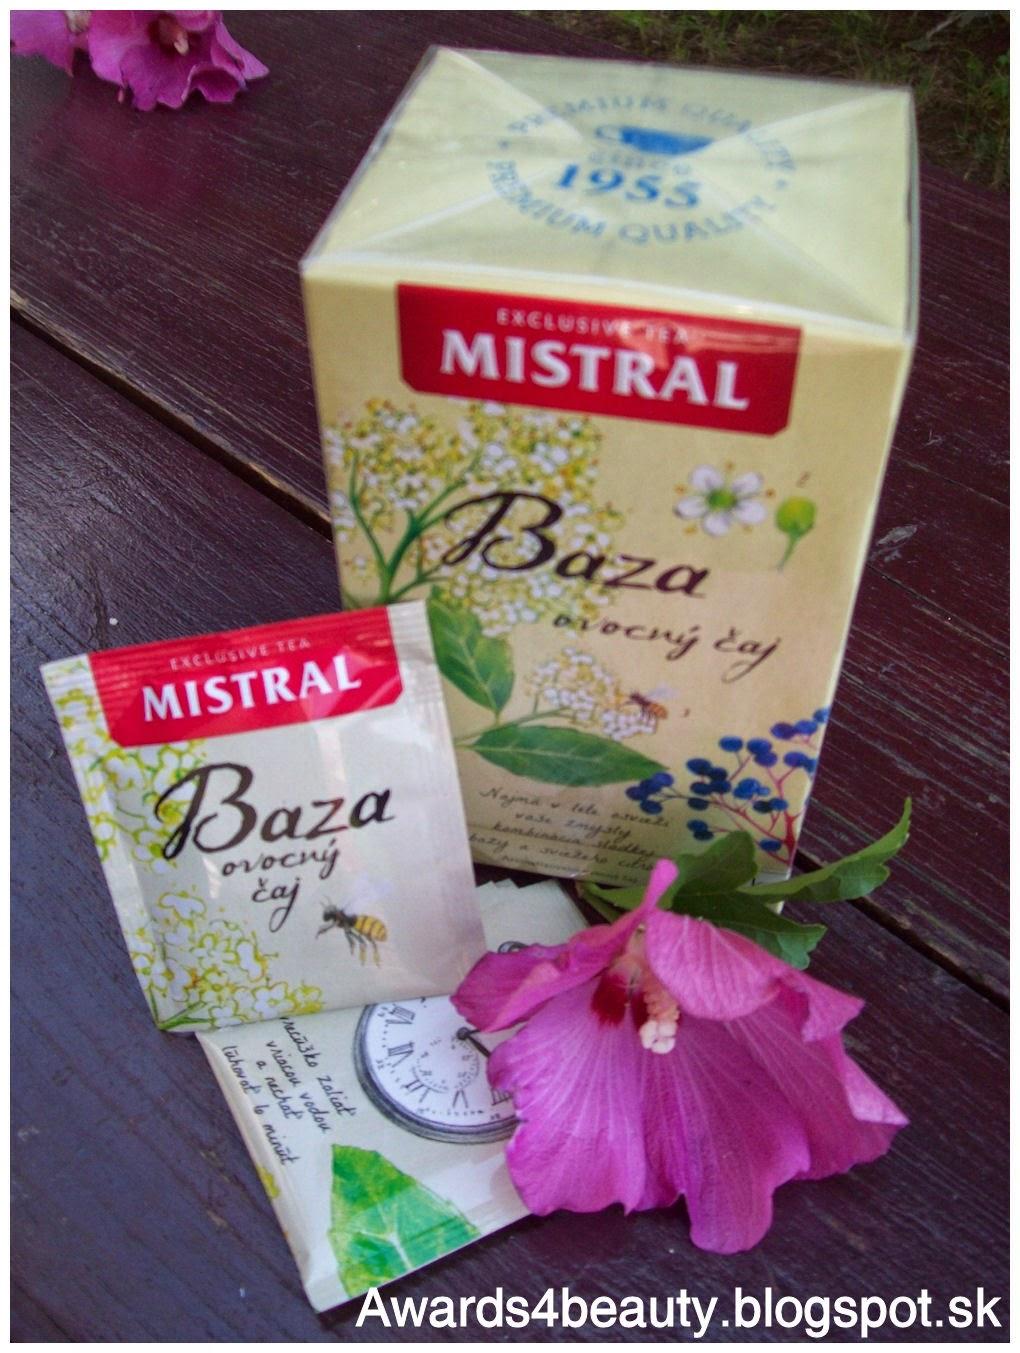 Ovocný čaj Mistral z bazy čiernej v krásnom obale s kreslenými detailami.